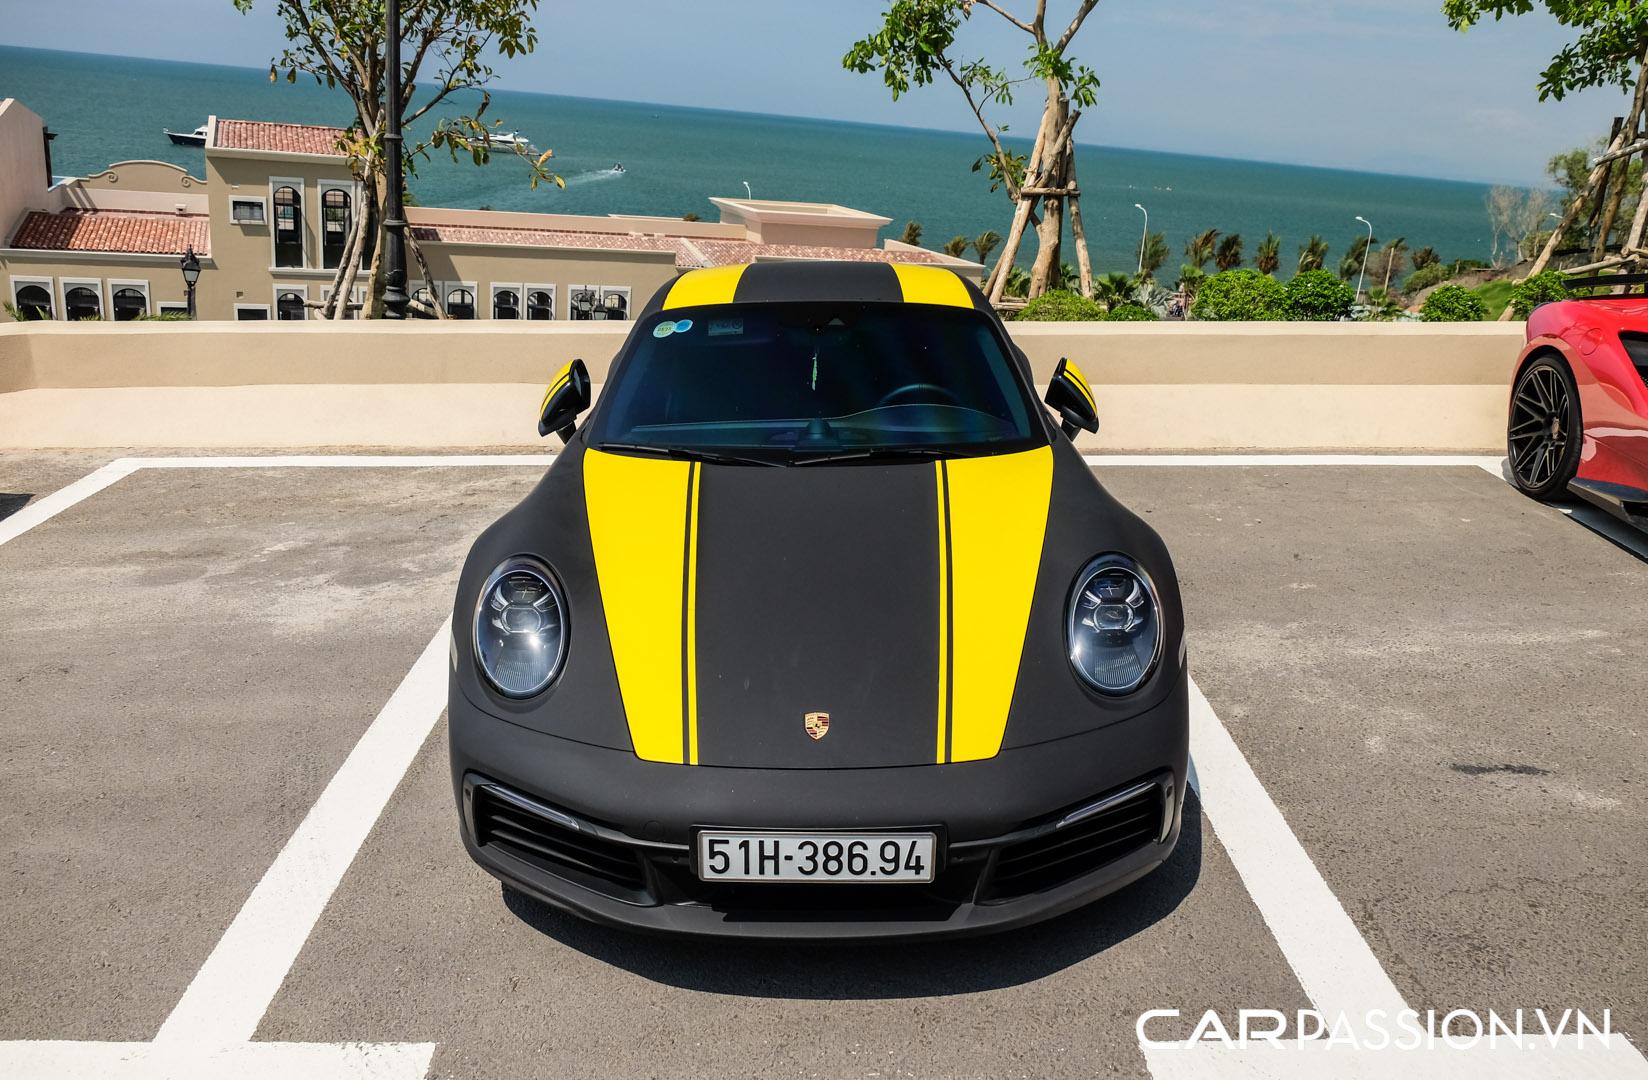 Porsche 911 của vợ chồng YouTuber (3).JPG